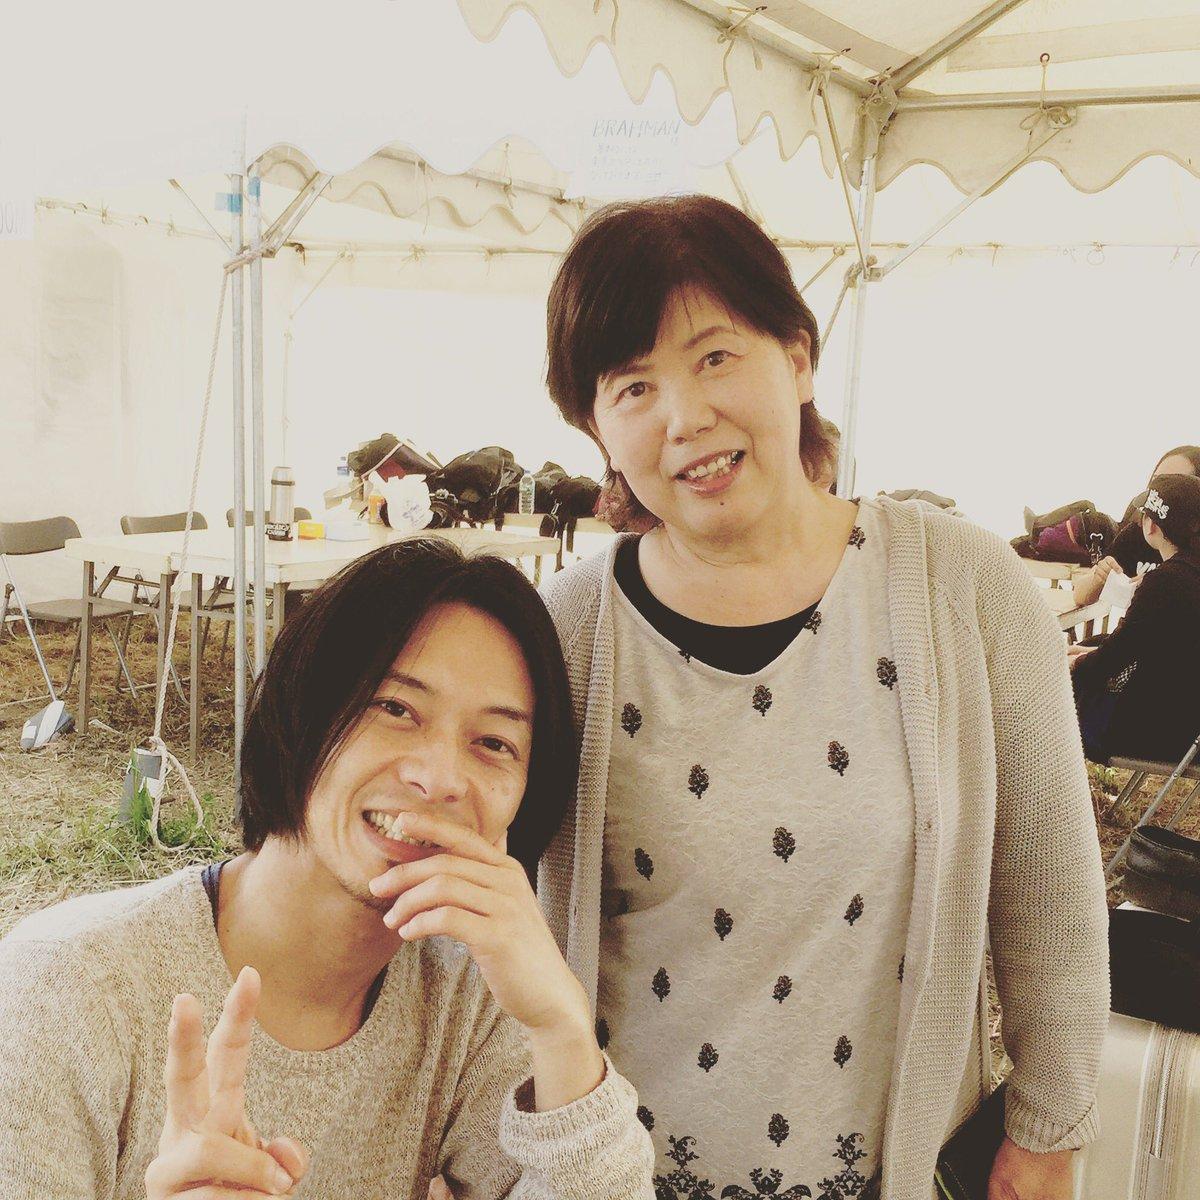 Dappe Rock's終了しました。茨城愛。母ちゃん来てました。 https://t.co/9GPEq5KQ3P